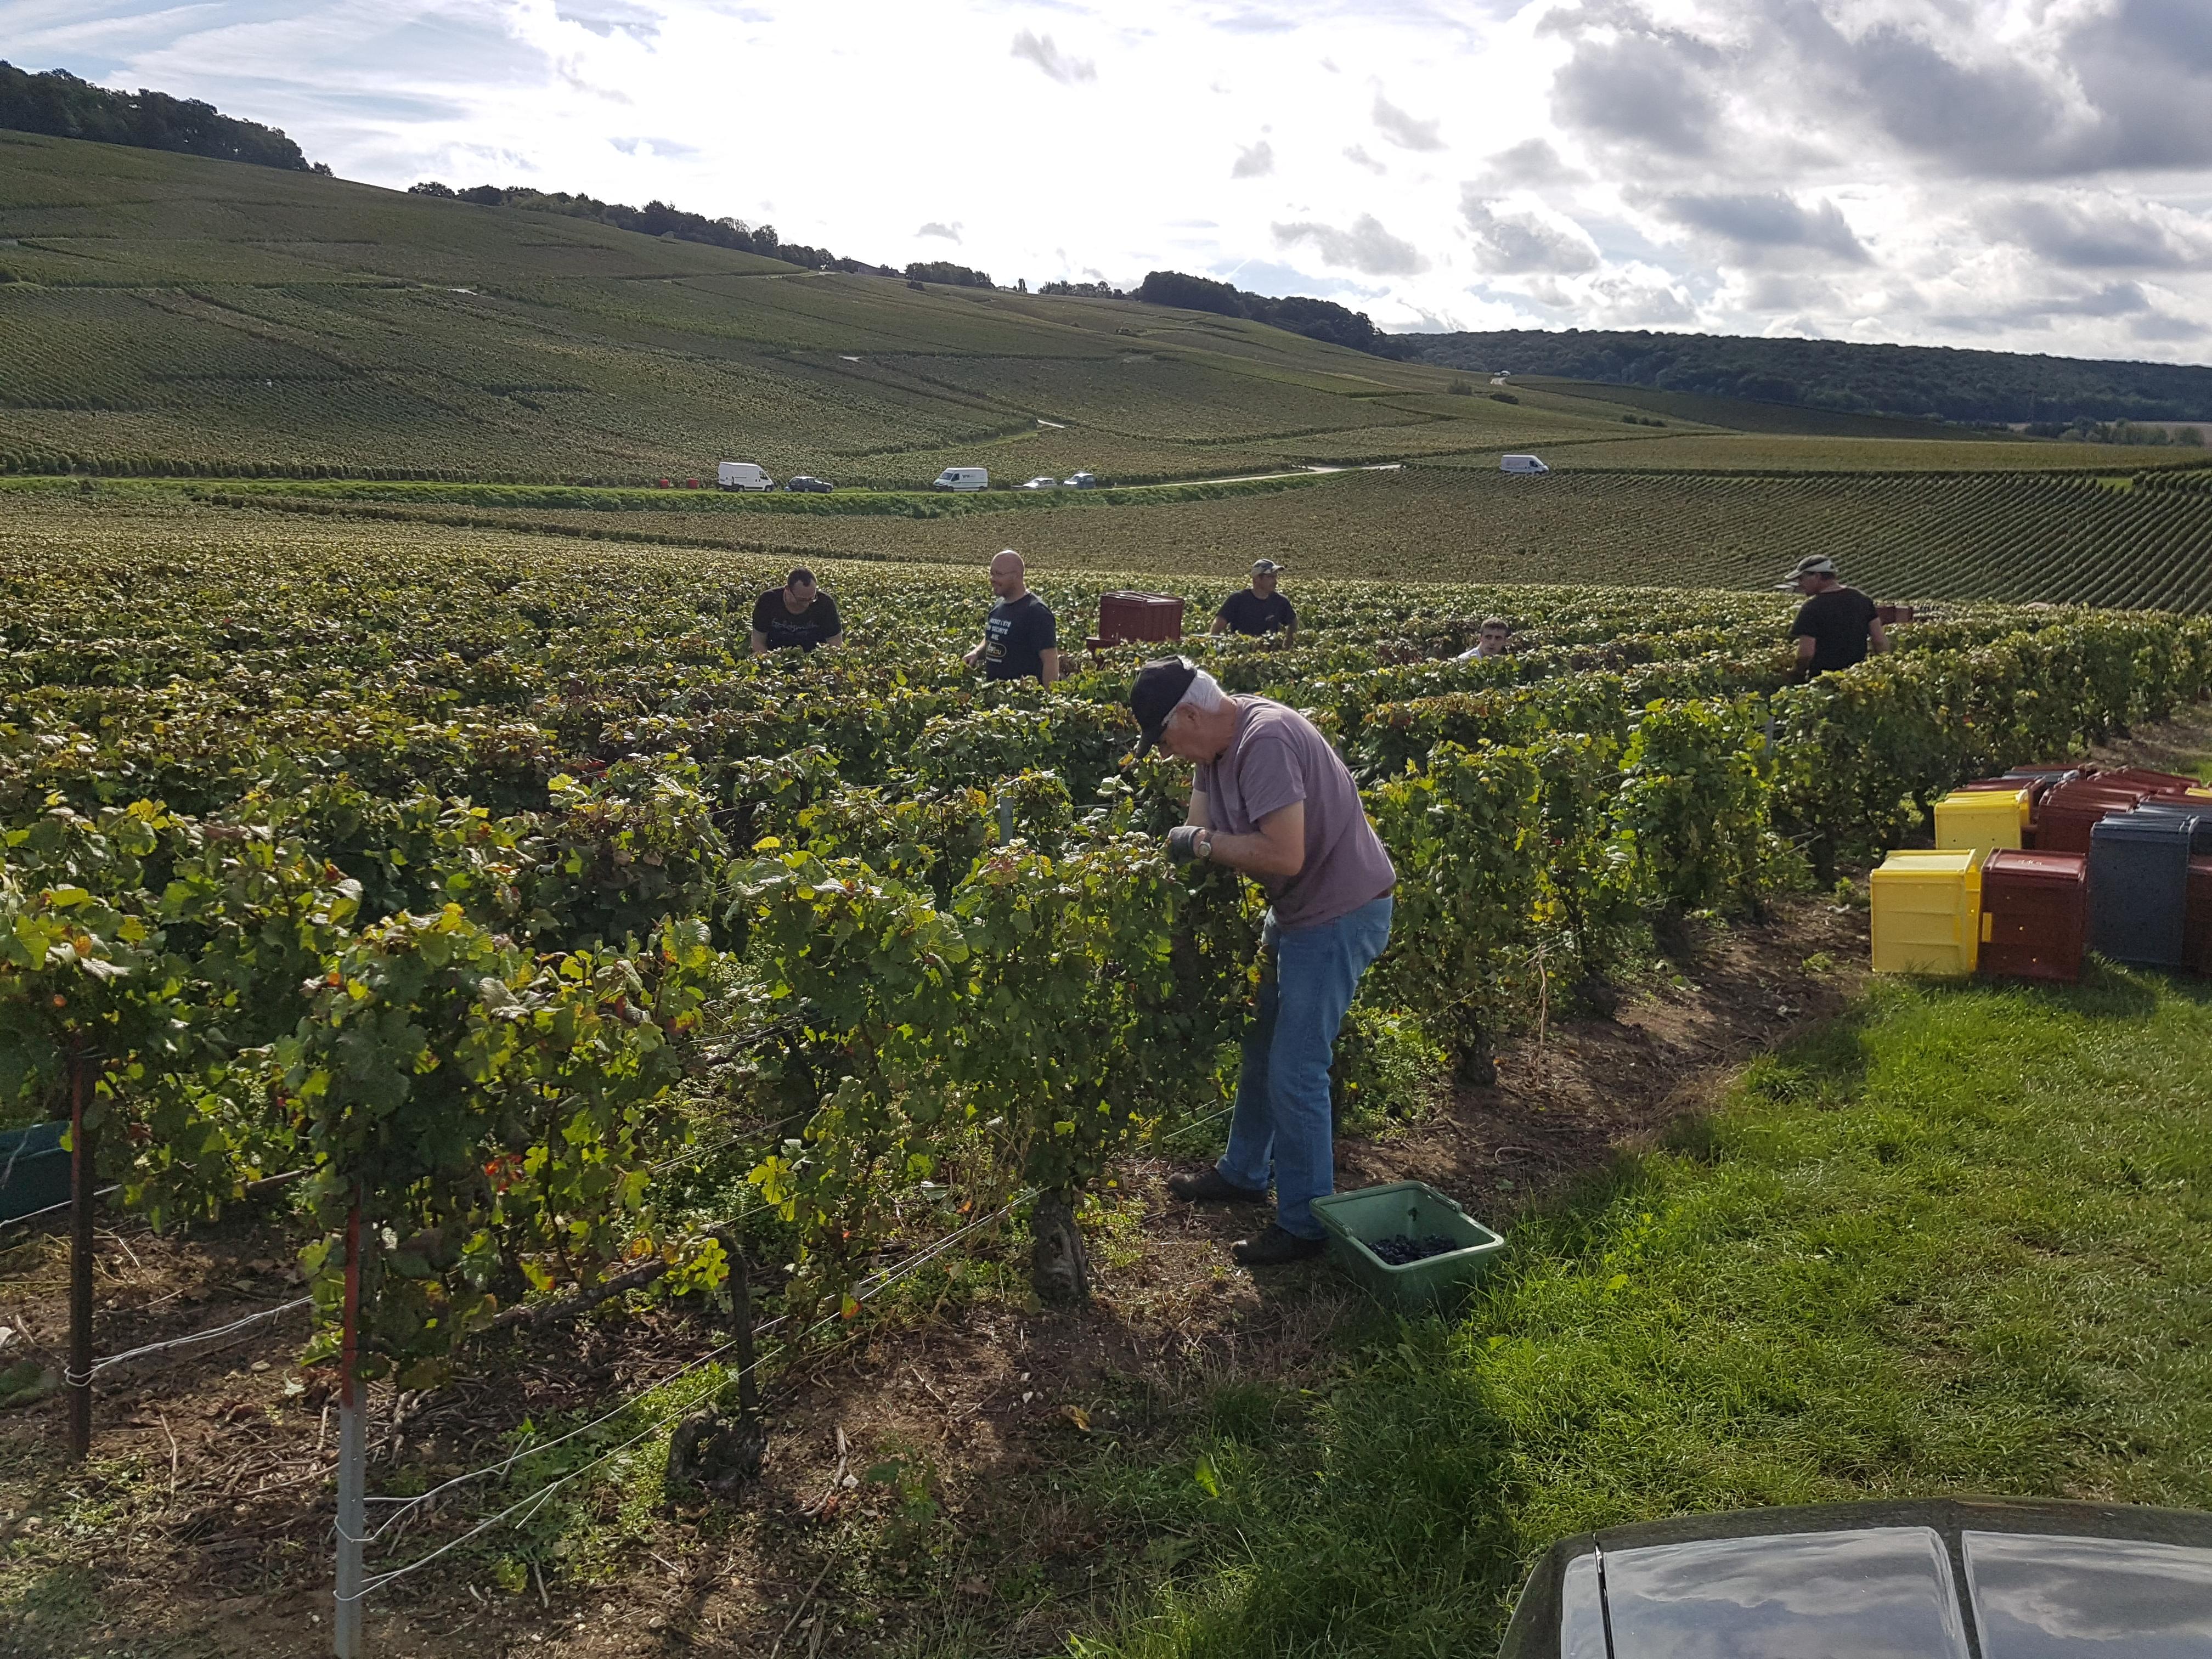 Francis Orban champagne šampanas tikras putojantis rankomis skinti žmonėstradicija prancūzija